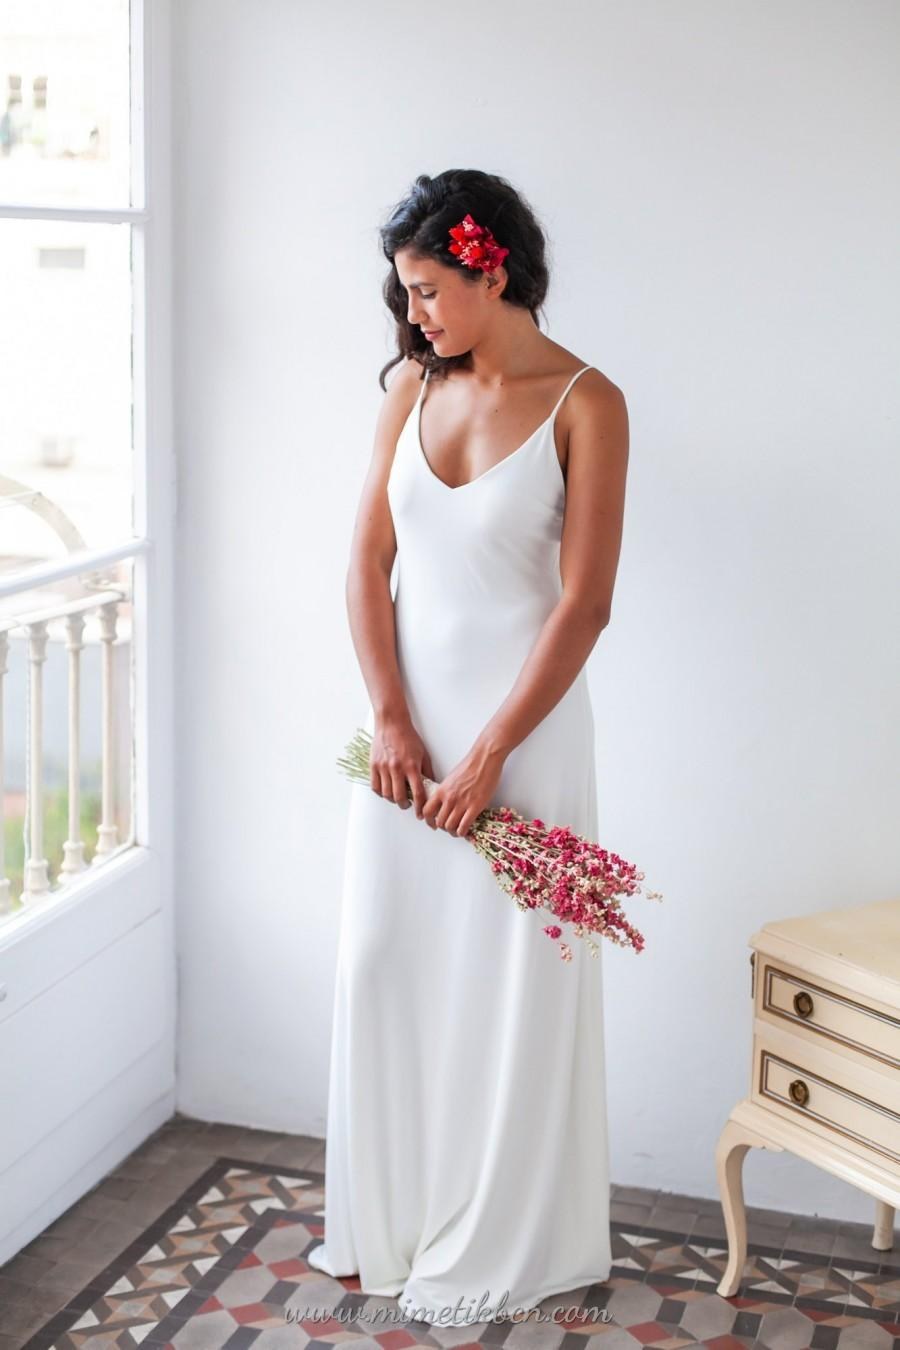 زفاف - Minimalist wedding dress, Wedding dress with straps, Simple wedding dress, Spaghetti strap wedding dress, Ivory long dress, Long white dress